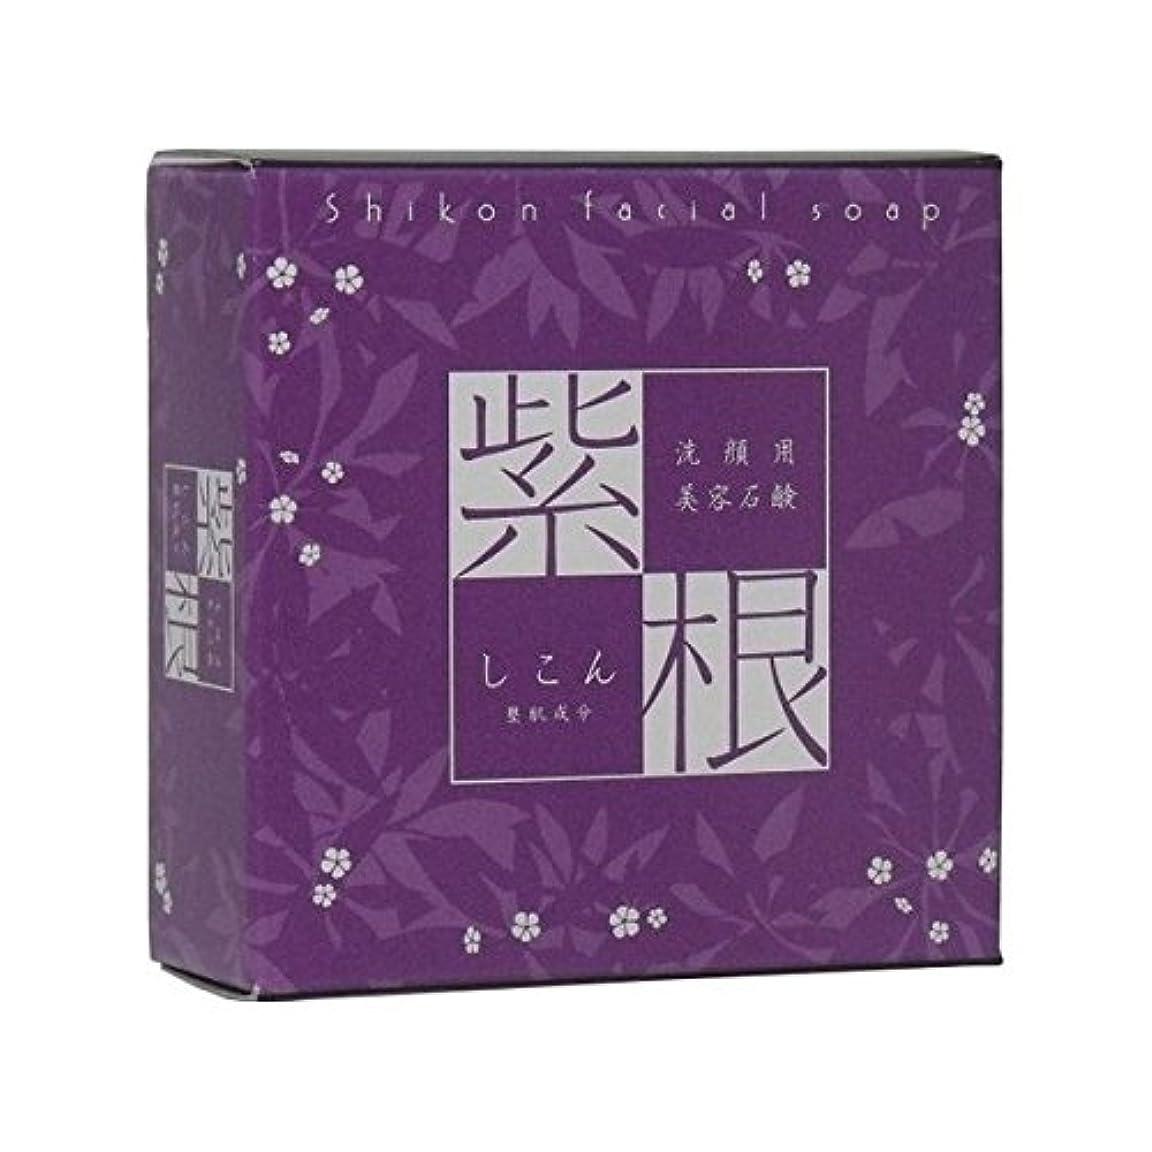 インキュバスラッシュの配列紫根石鹸110g(オリジナル泡立てネット付き)3個セット【魔女たちの22時で話題!】